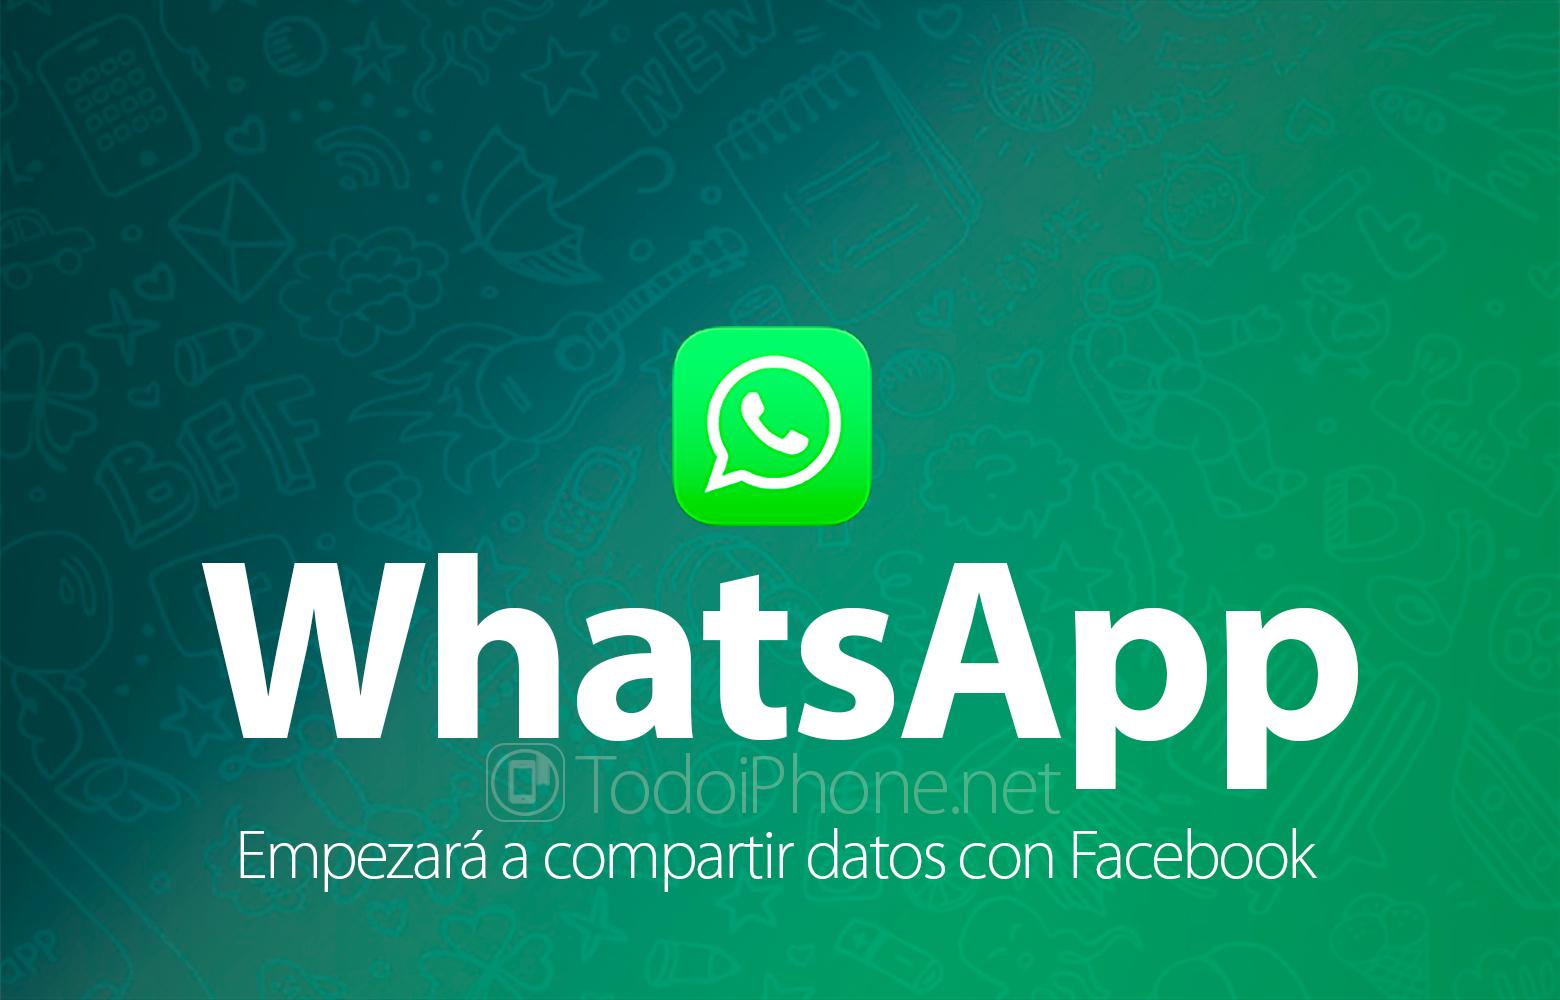 whatsapp-empezara-compartir-datos-facebook